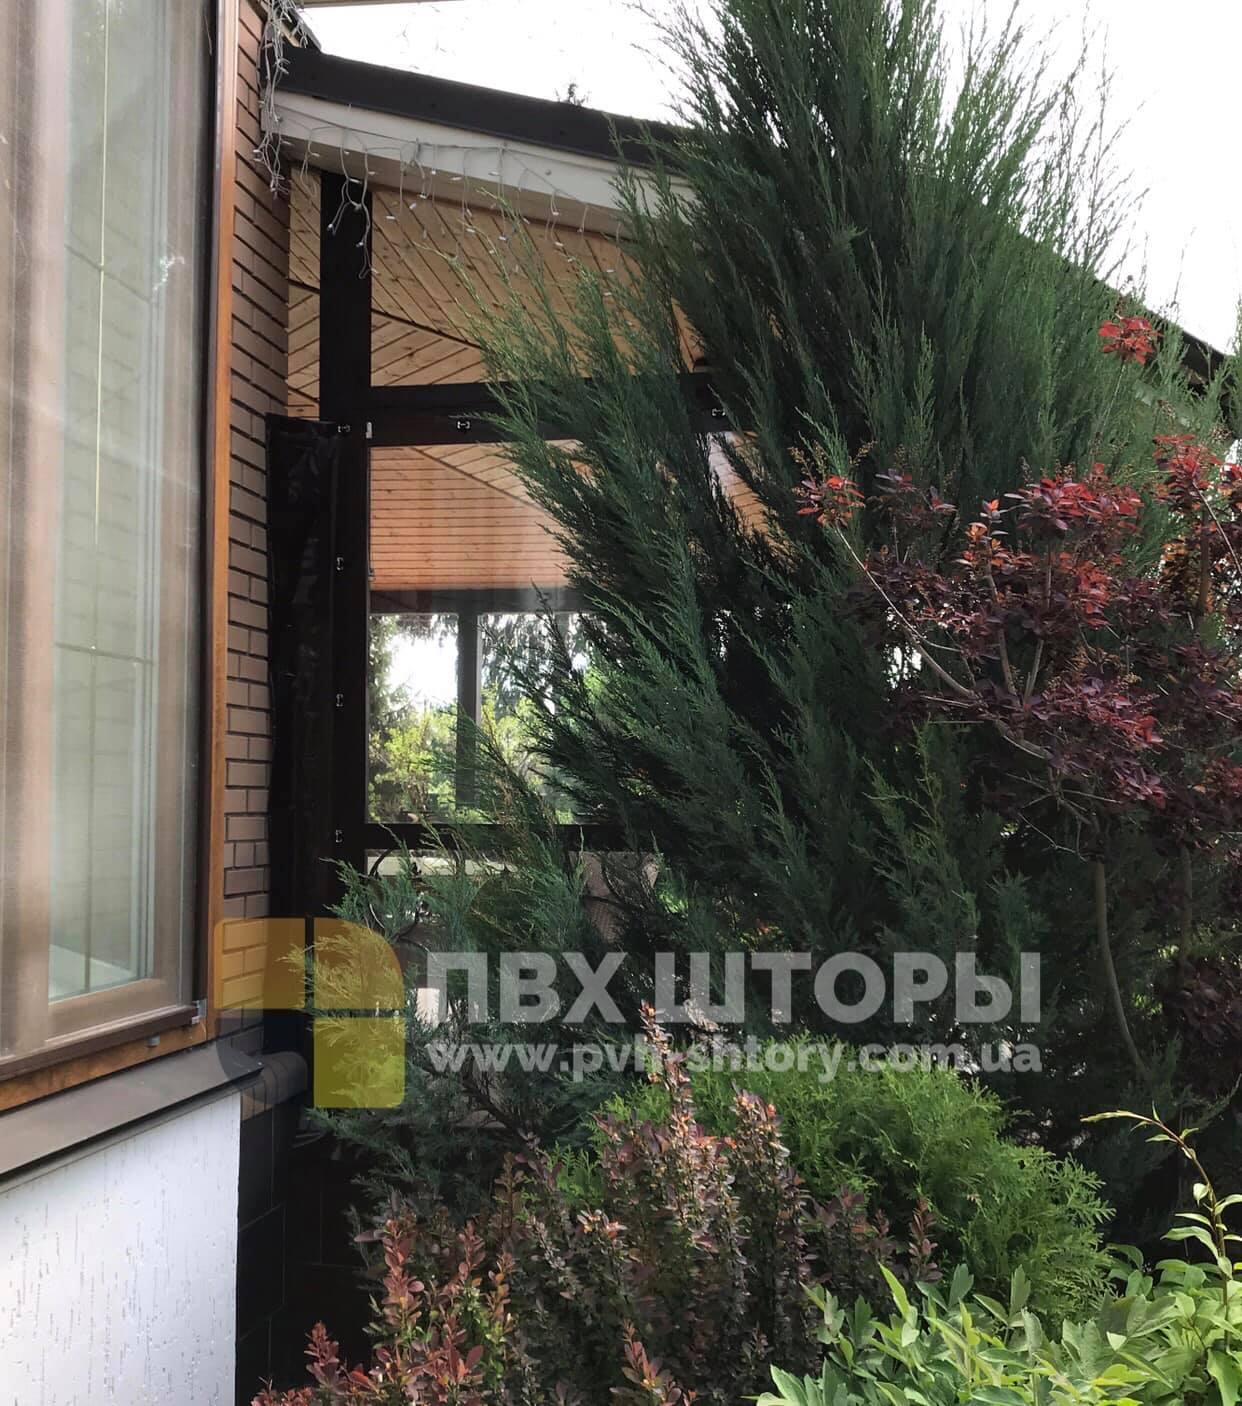 ПВХ шторы для веранды в Винниках